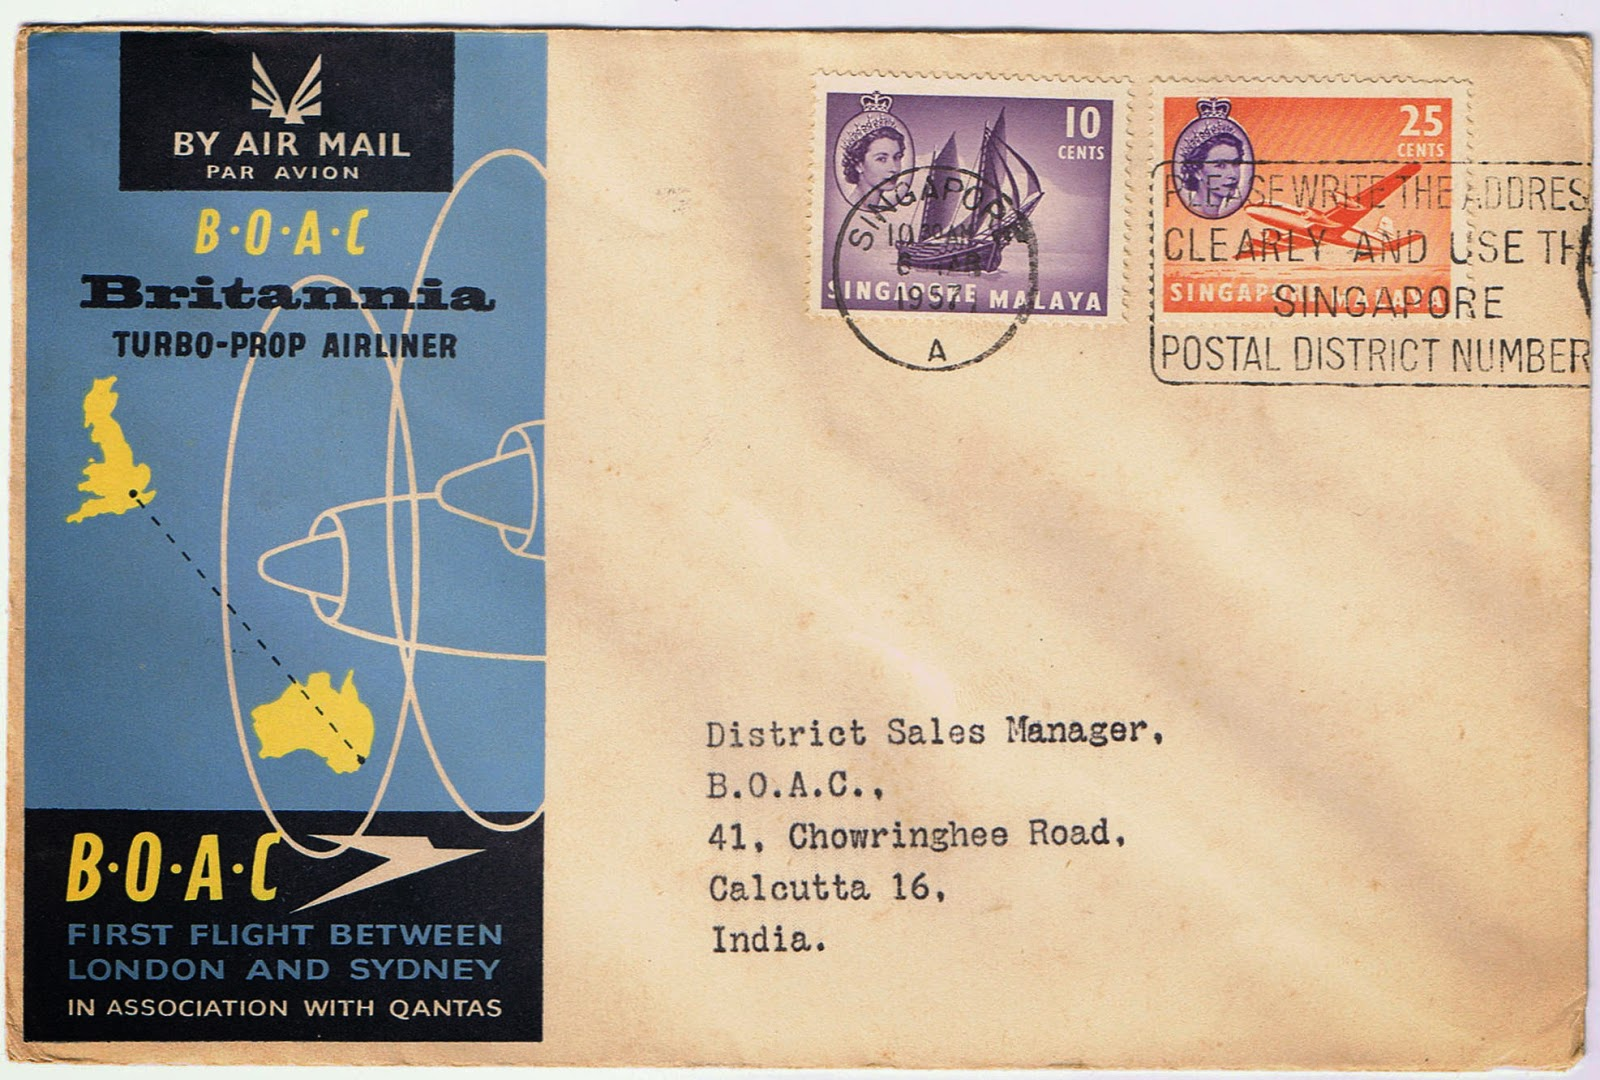 July 1957 LONDON TOKYO ROUTE Aero philately BOAC